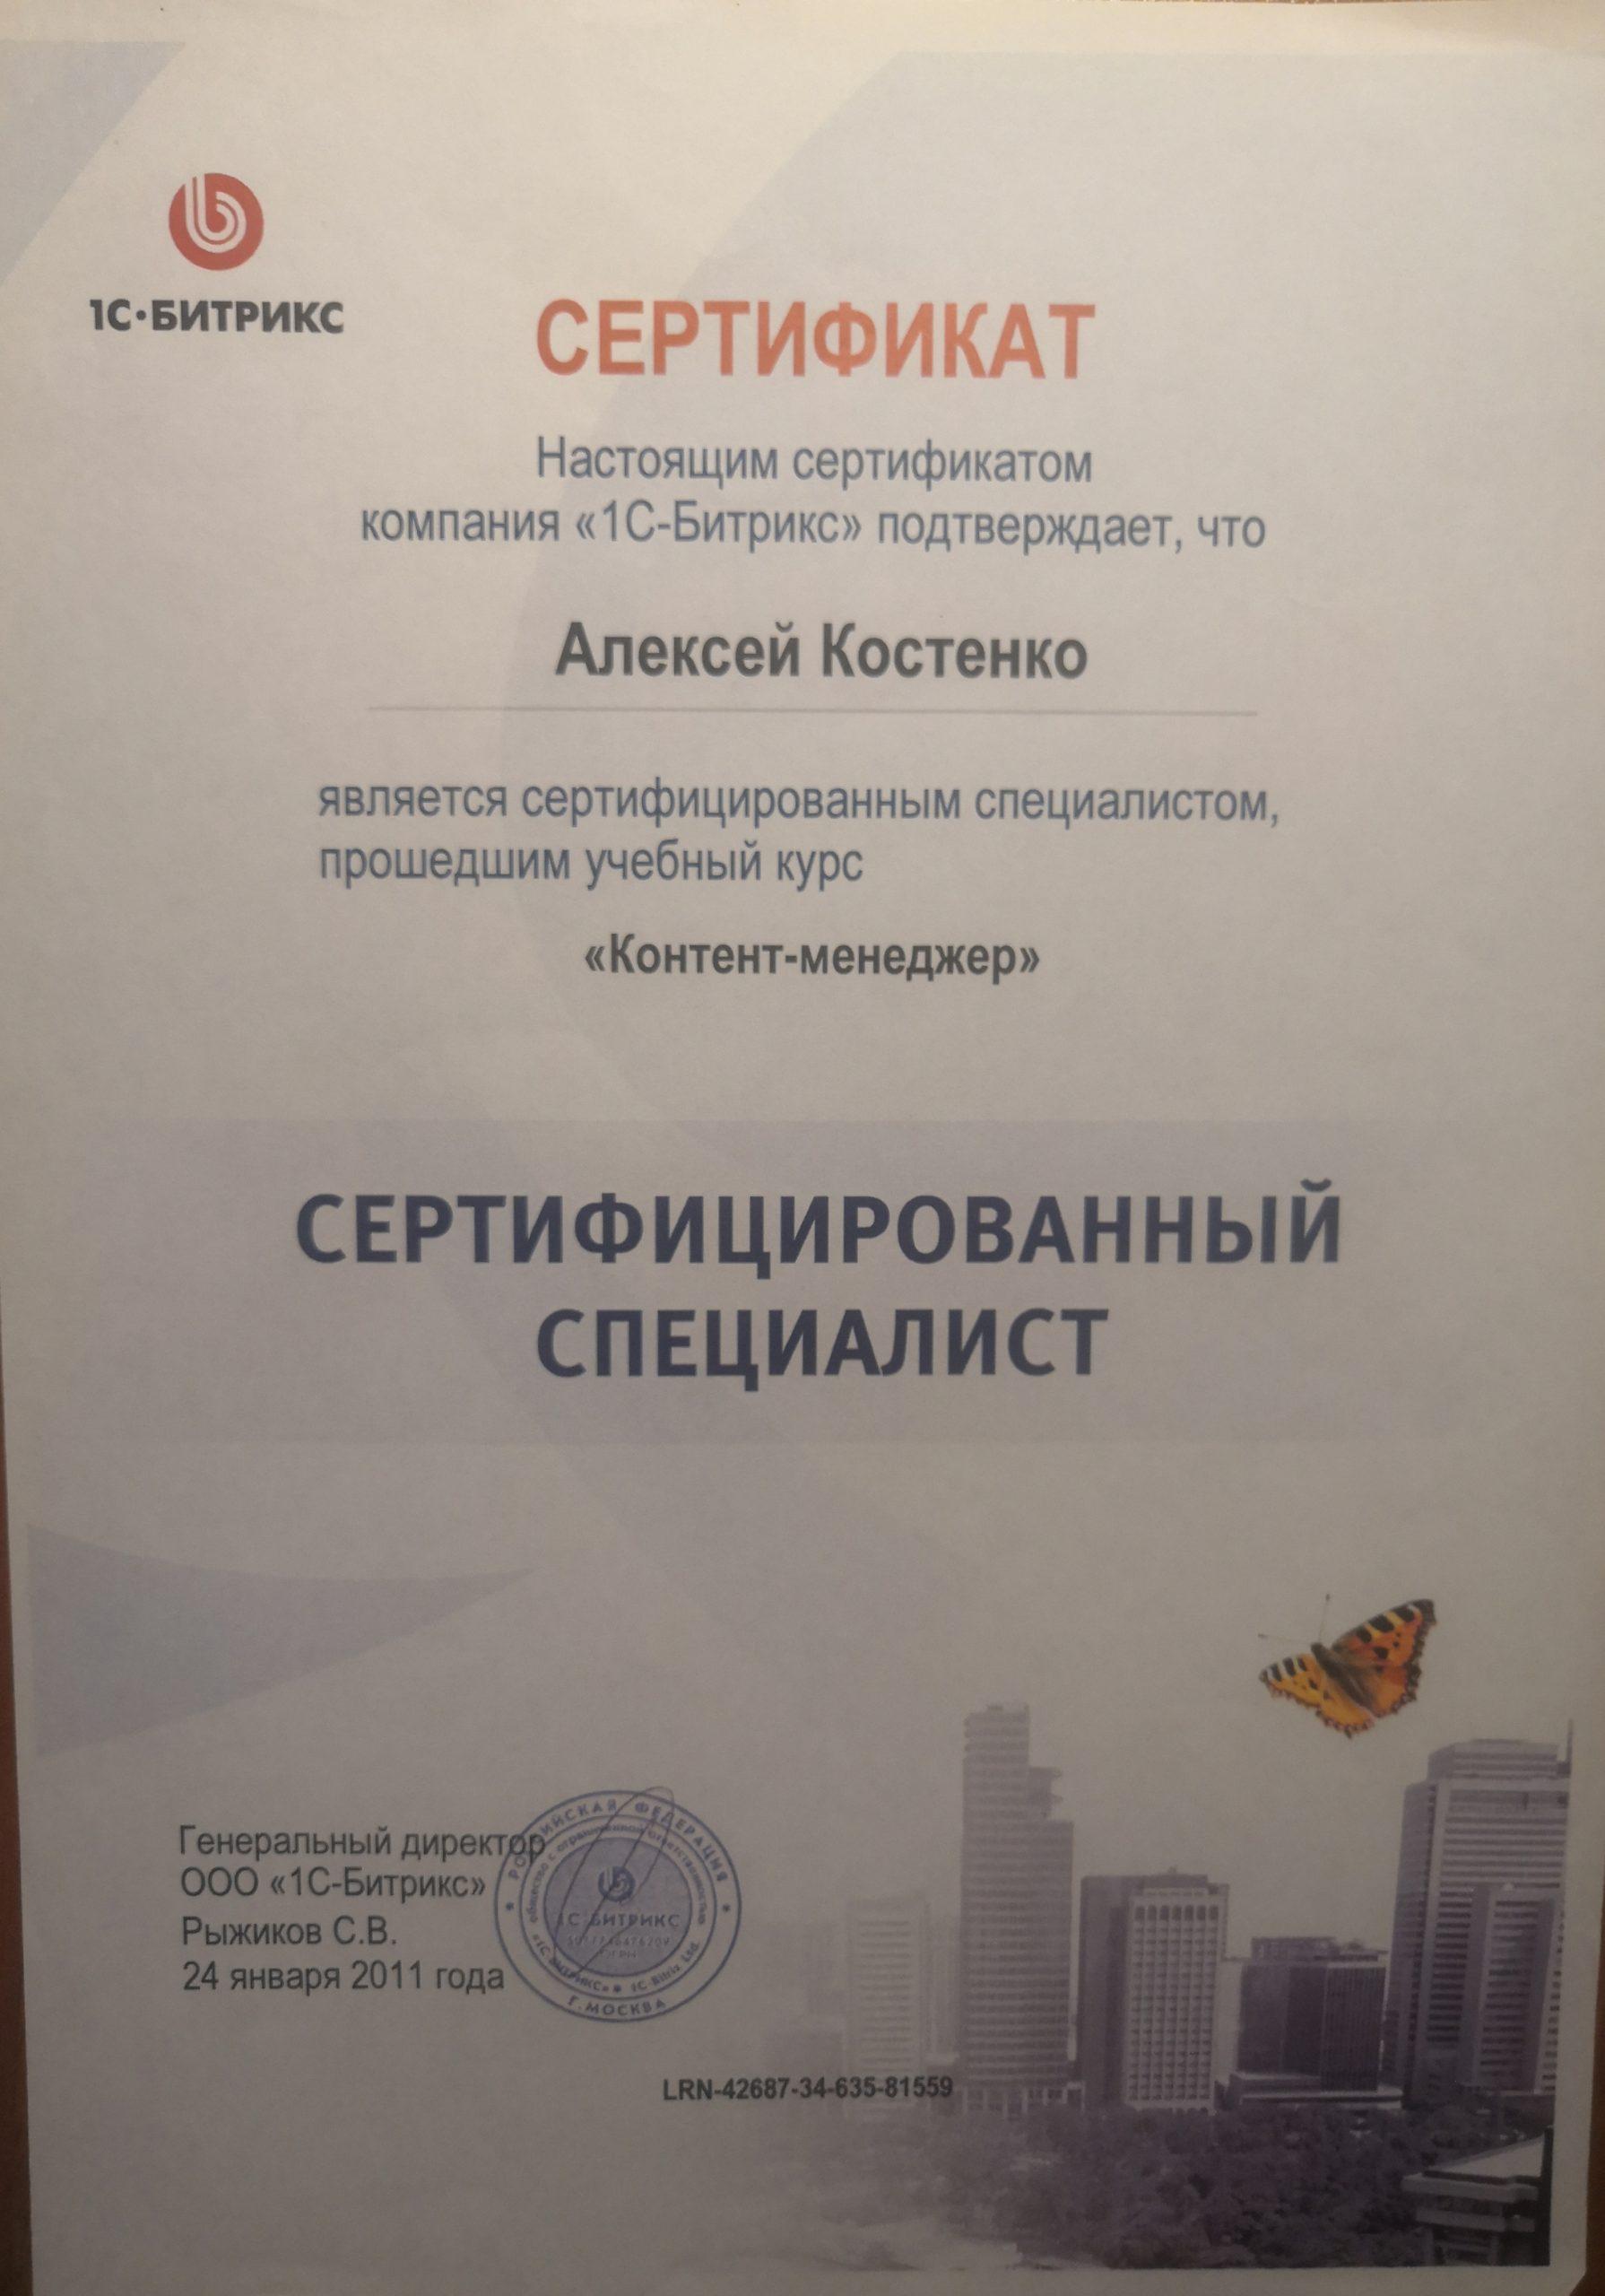 Сертификат Контент-менеджер Алексей Костенко